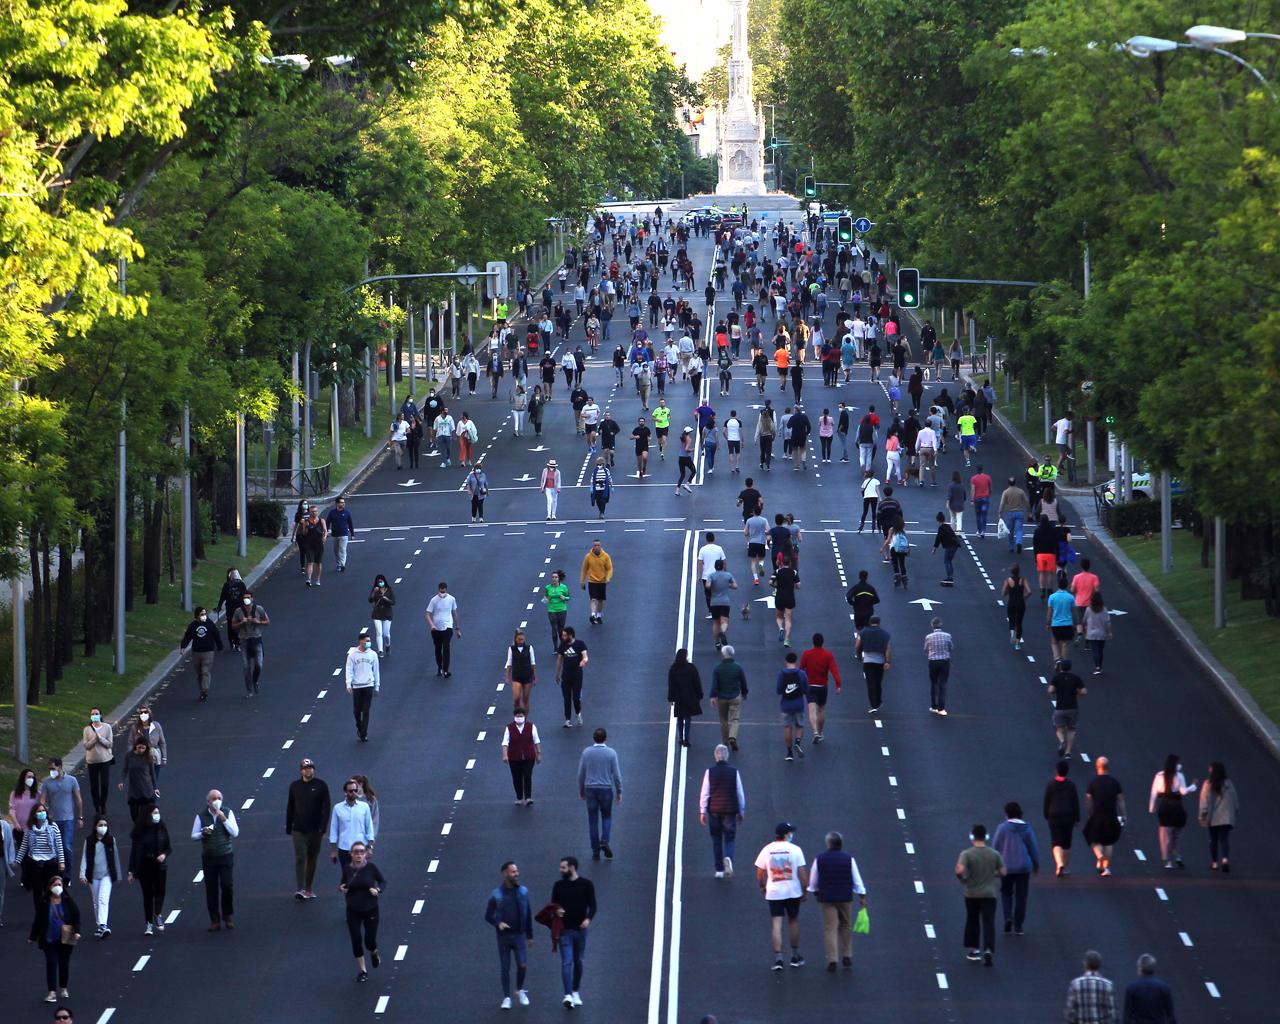 Paseo de tarde en fase 0 en el Paseo de la Castellana de Madrid.  17/05/2020.